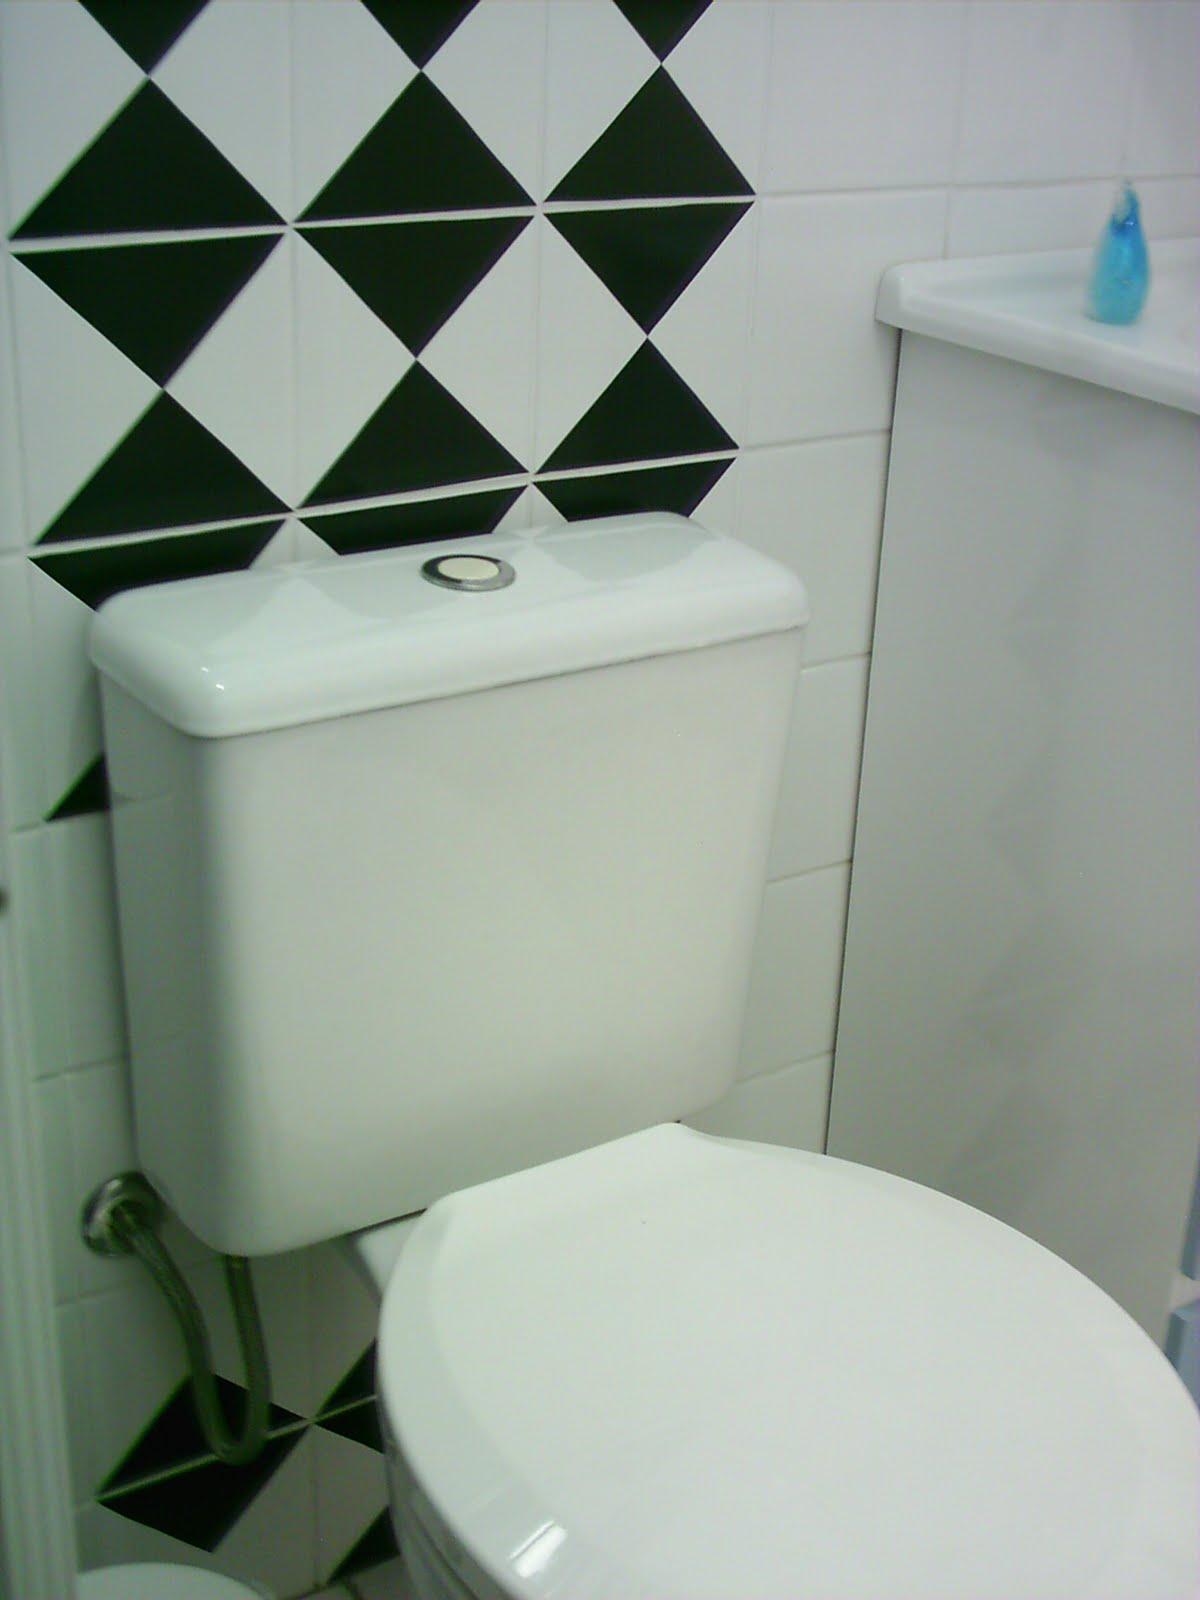 ENTRE E SINTA SE EM CASA: Decorando o banheiro! #182718 1200 1600